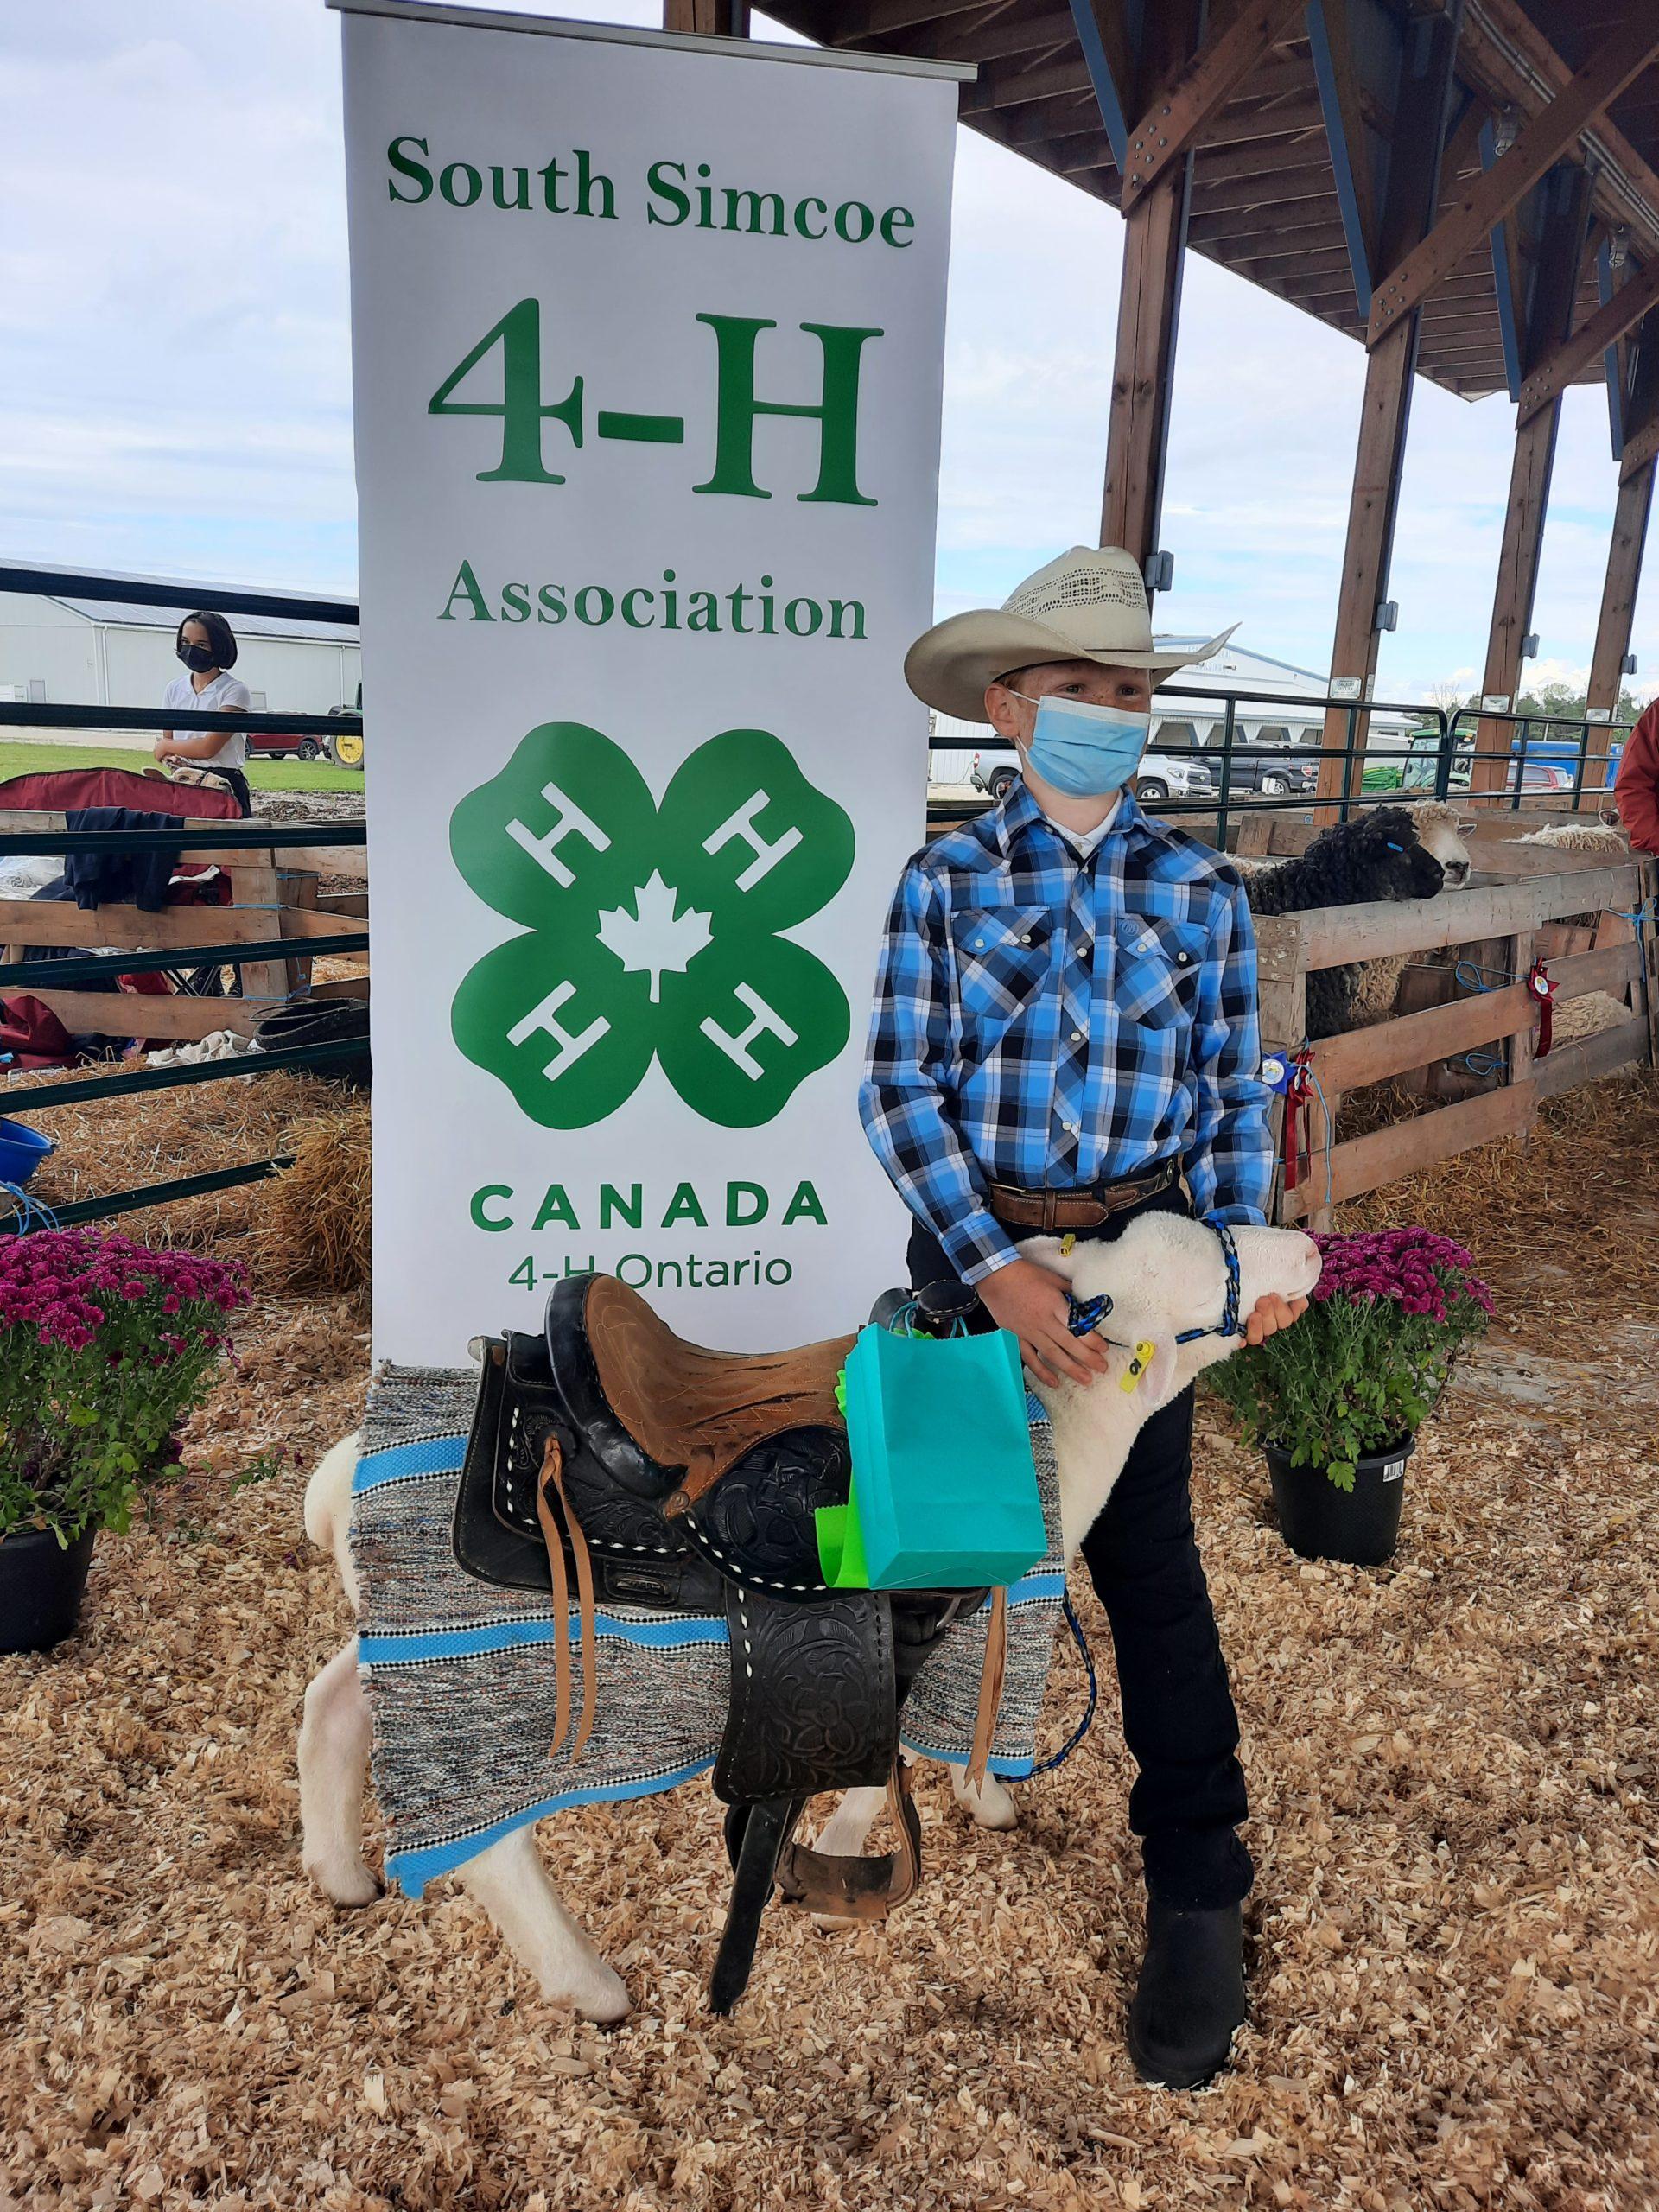 4-H member with ewe lamb in costume